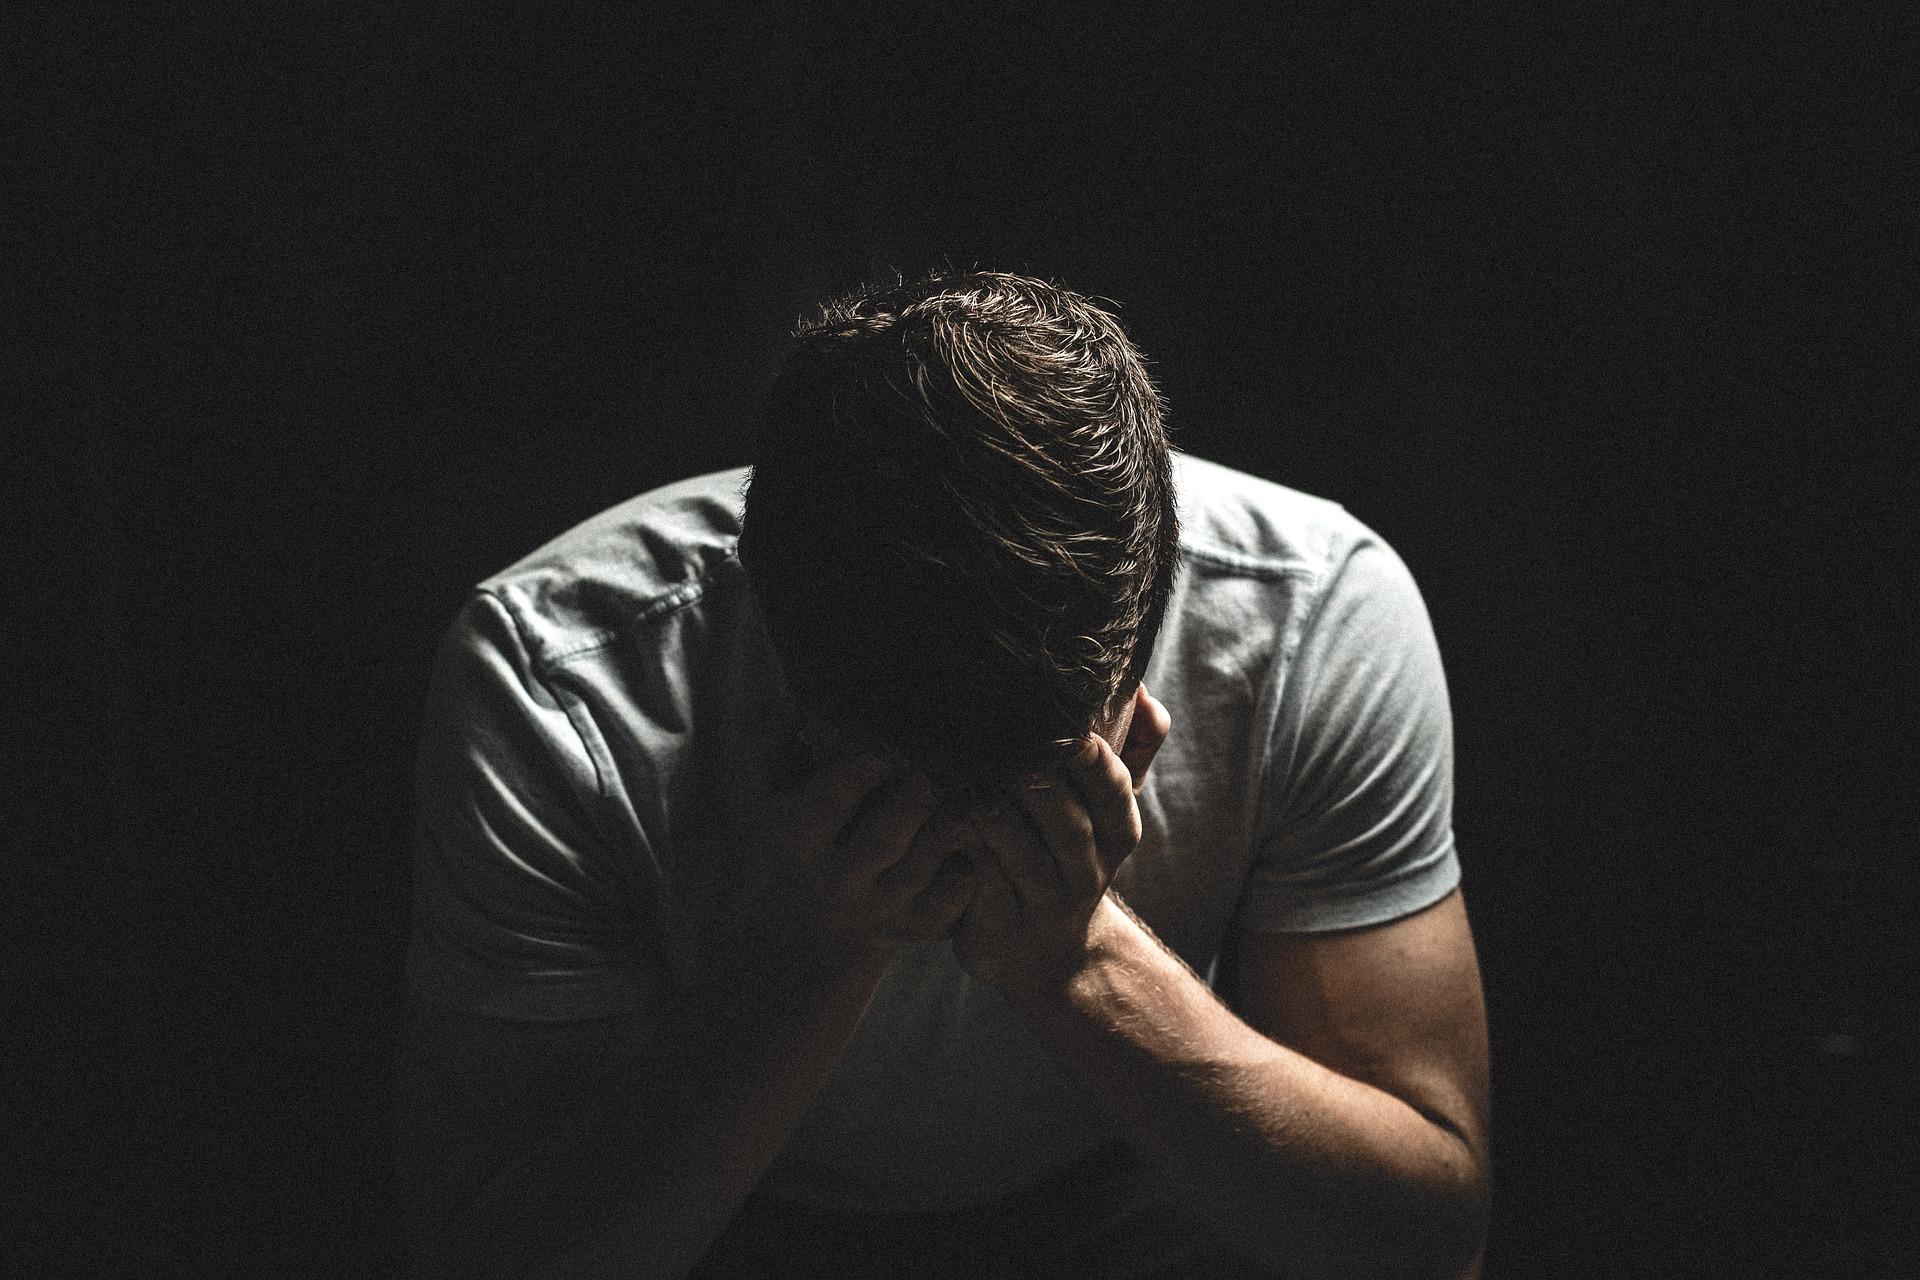 Les blessures qu'on s'inflige à nous-mêmes